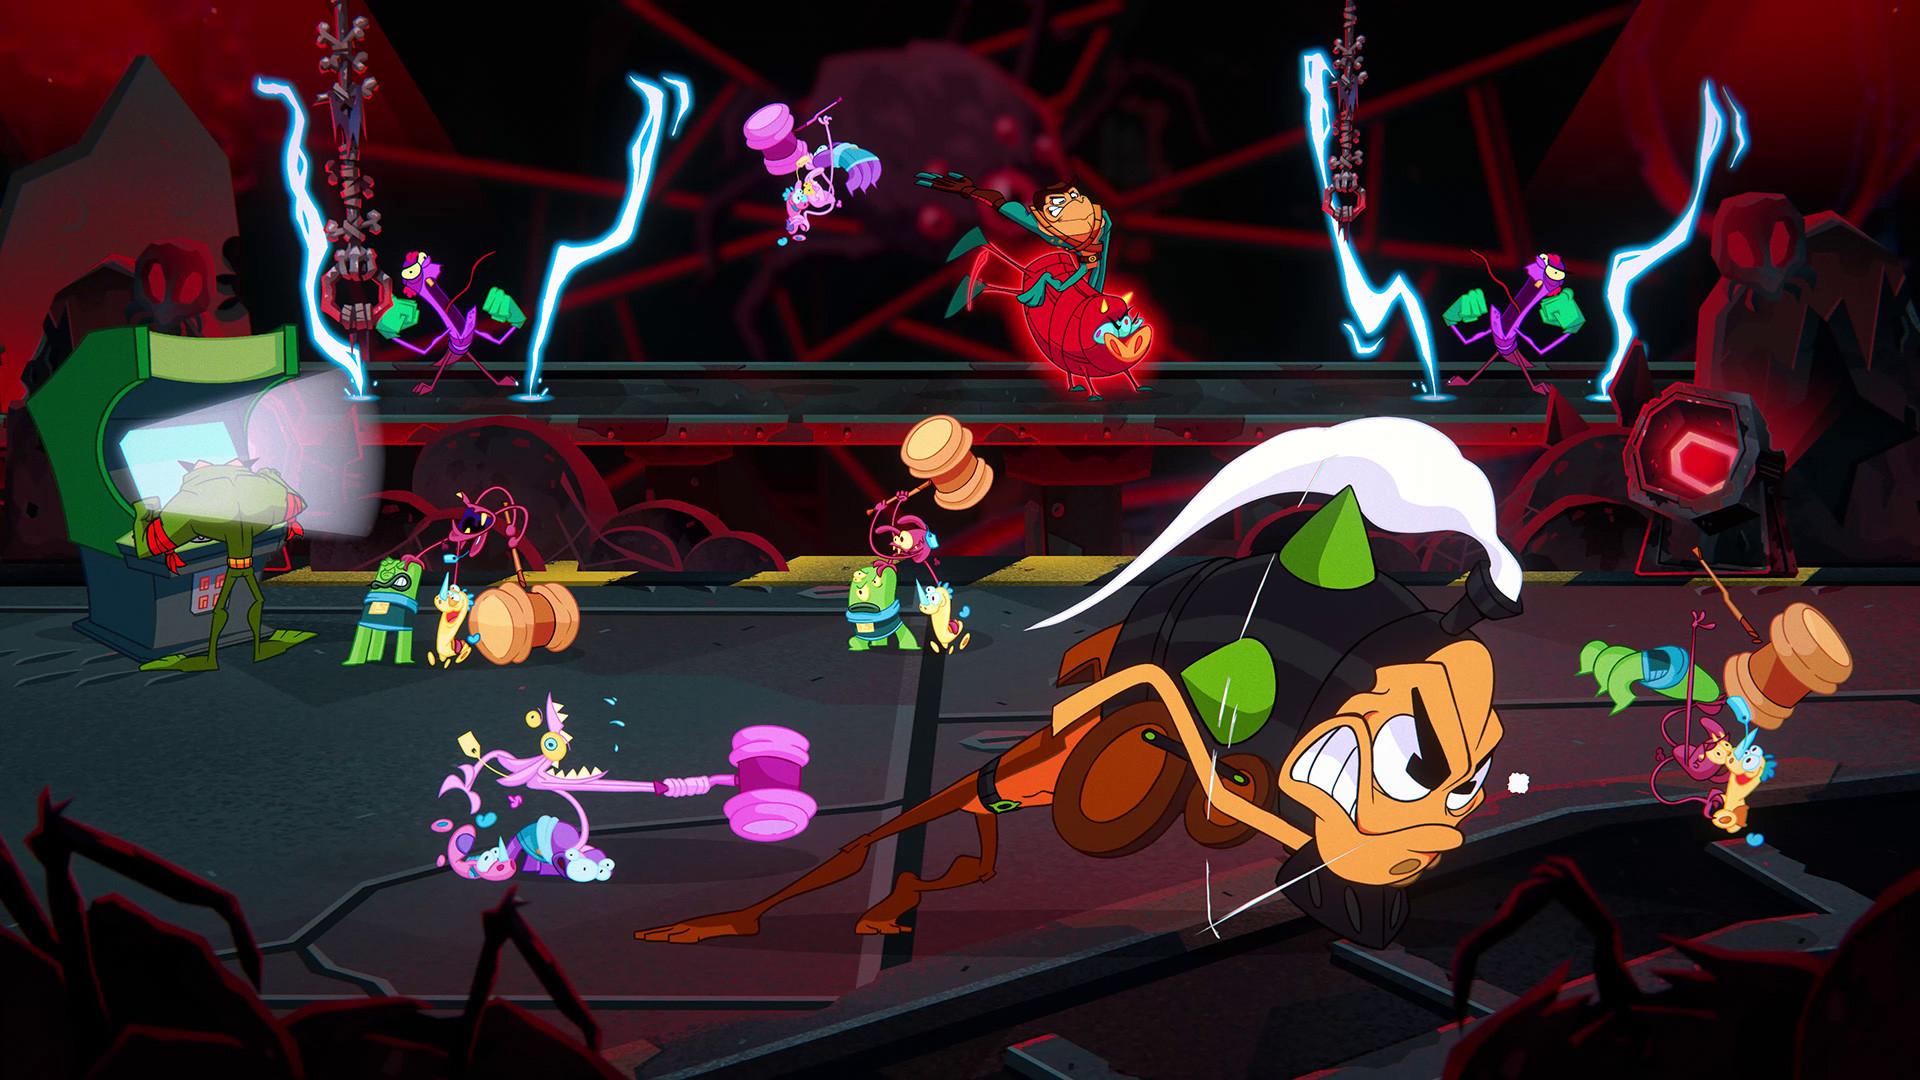 游戏新消息:忍者蛙发售日公布已上架Steam、支持简中